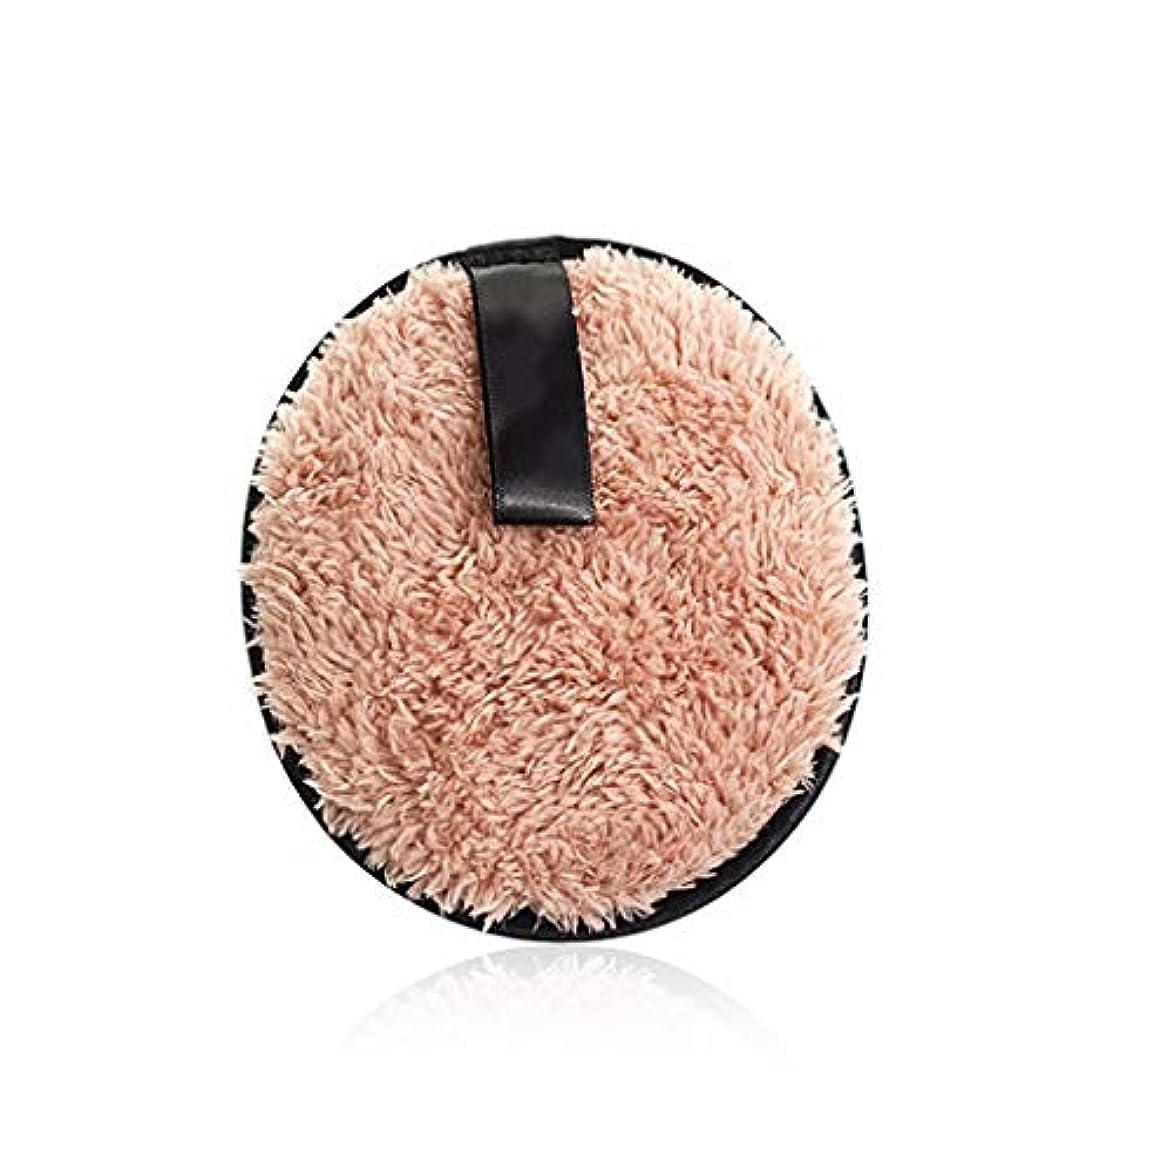 葡萄水銀の解明するフェイスメイクアップリムーバーソフトスポンジコットンメイクアップリムーバークロスパウダーパフ洗顔ワイプ再利用可能な洗えるパッド (Color : Light brown, サイズ : 4.7*4.7*0.7inch)